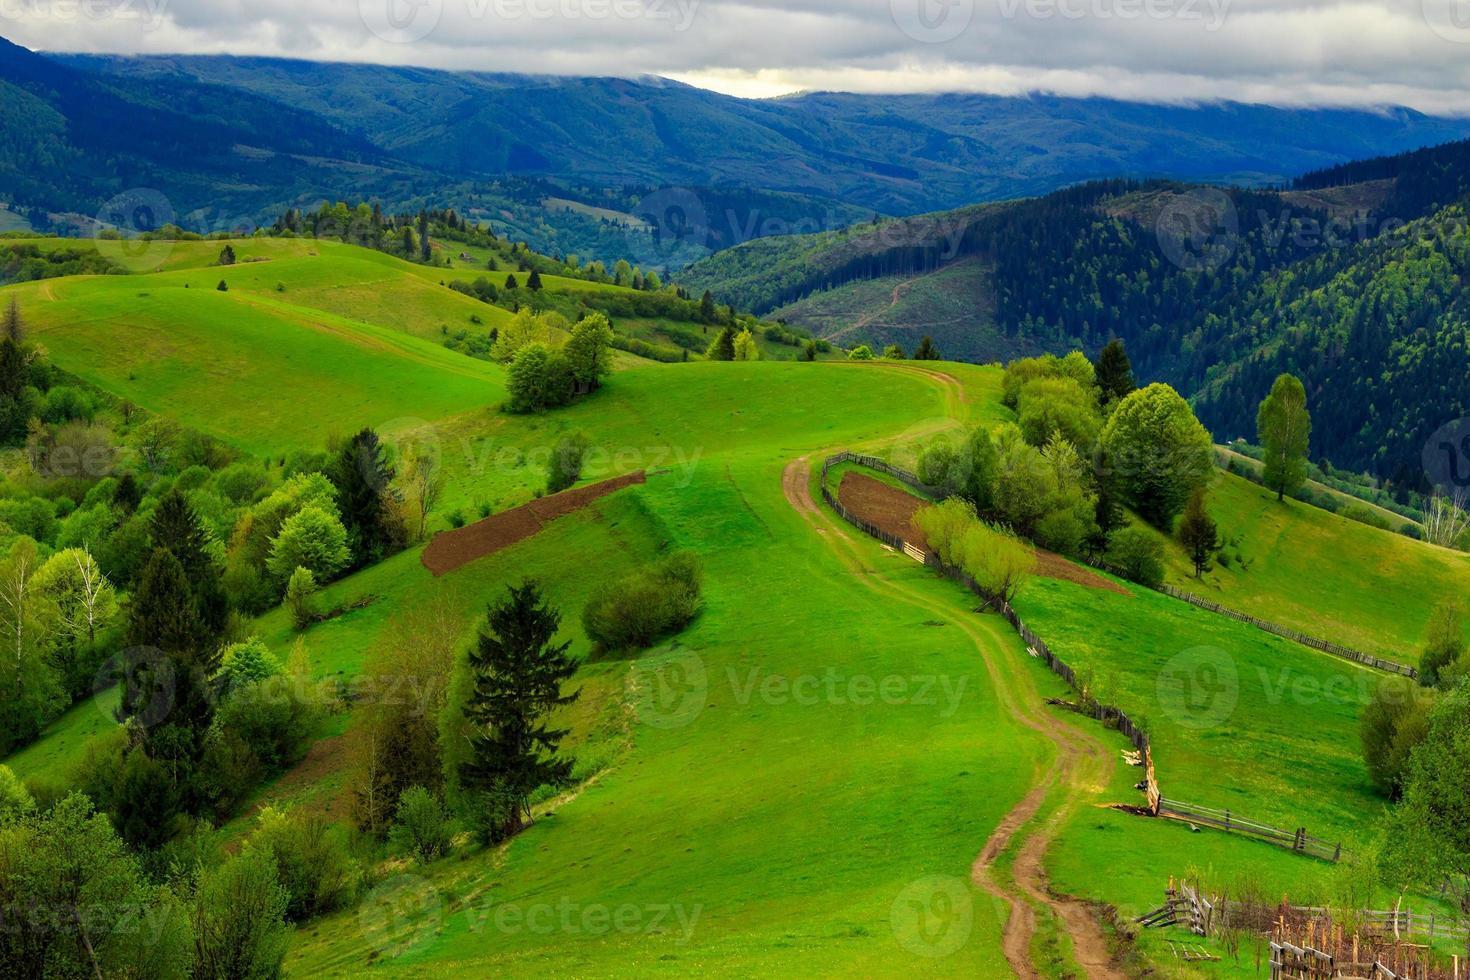 fence on hillside meadow in mountain photo